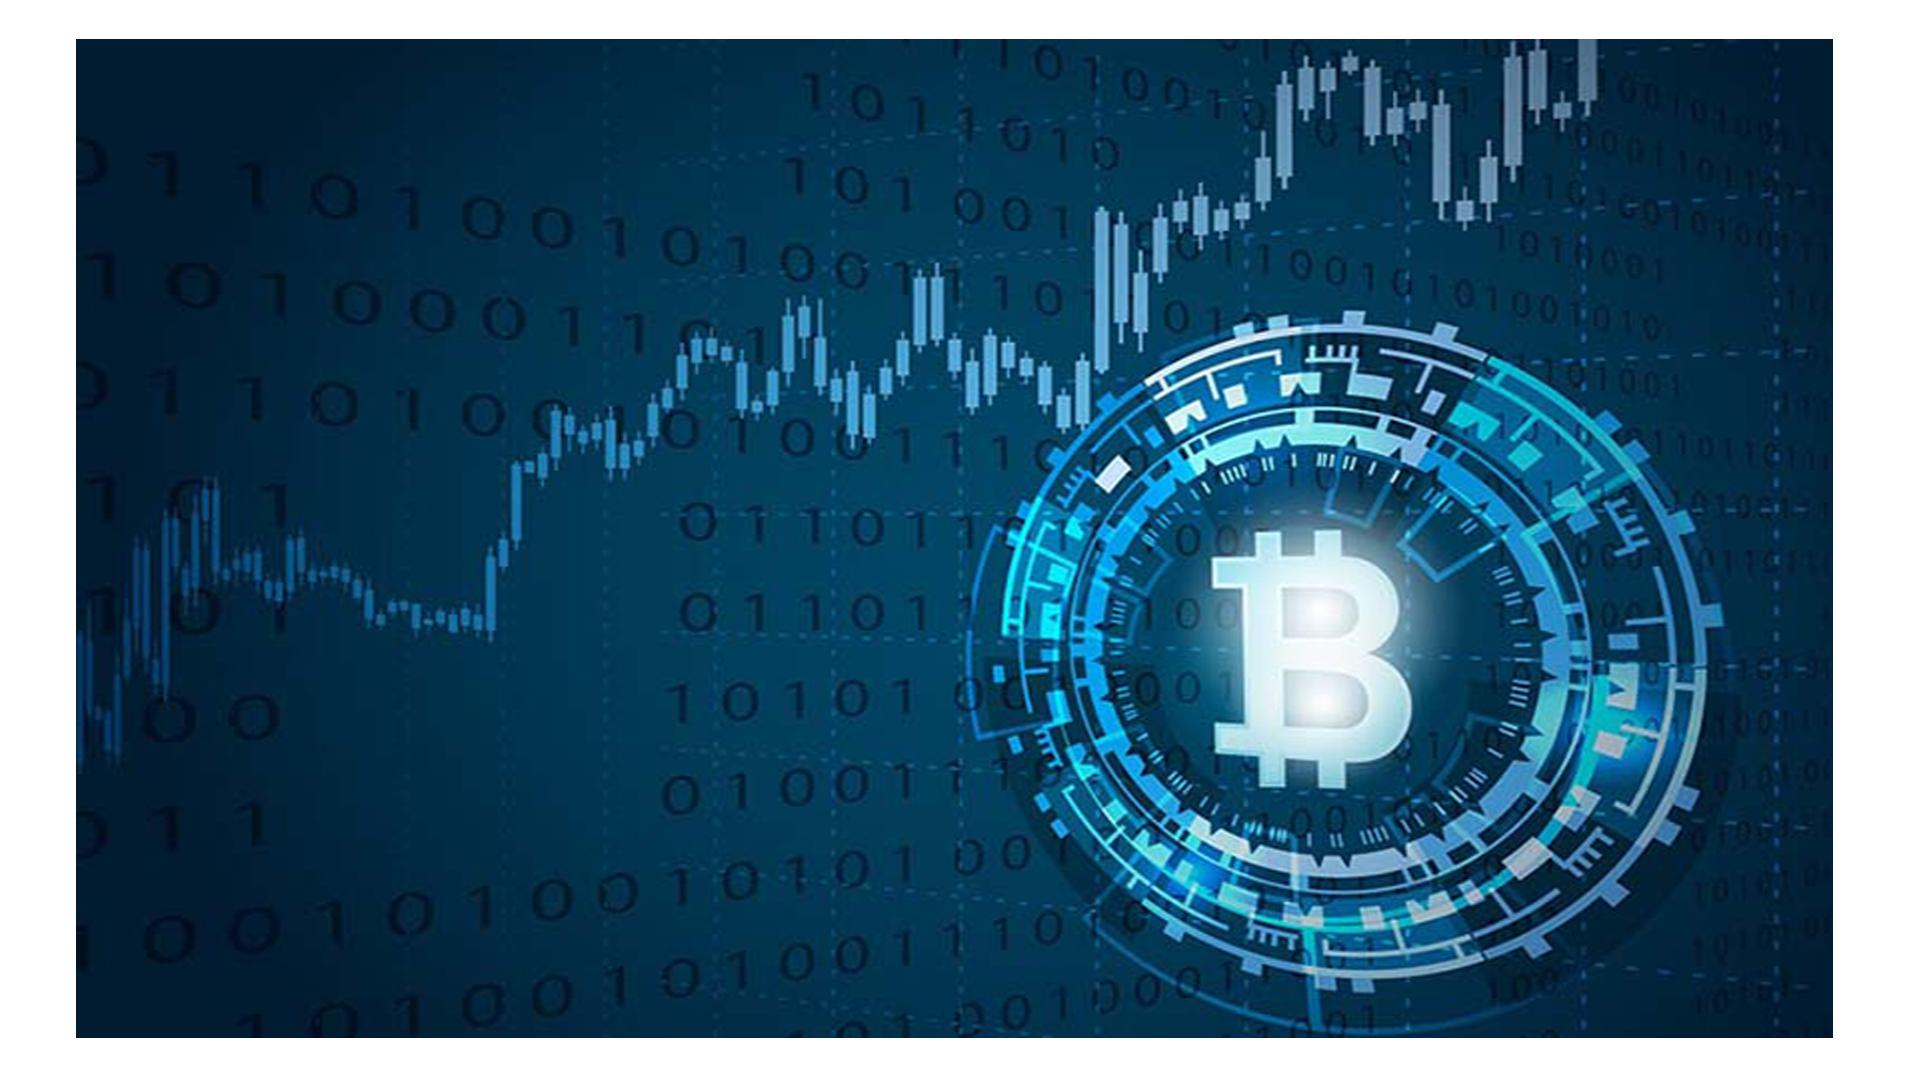 Bitkoin yenidən bahalaşıb - QİYMƏT